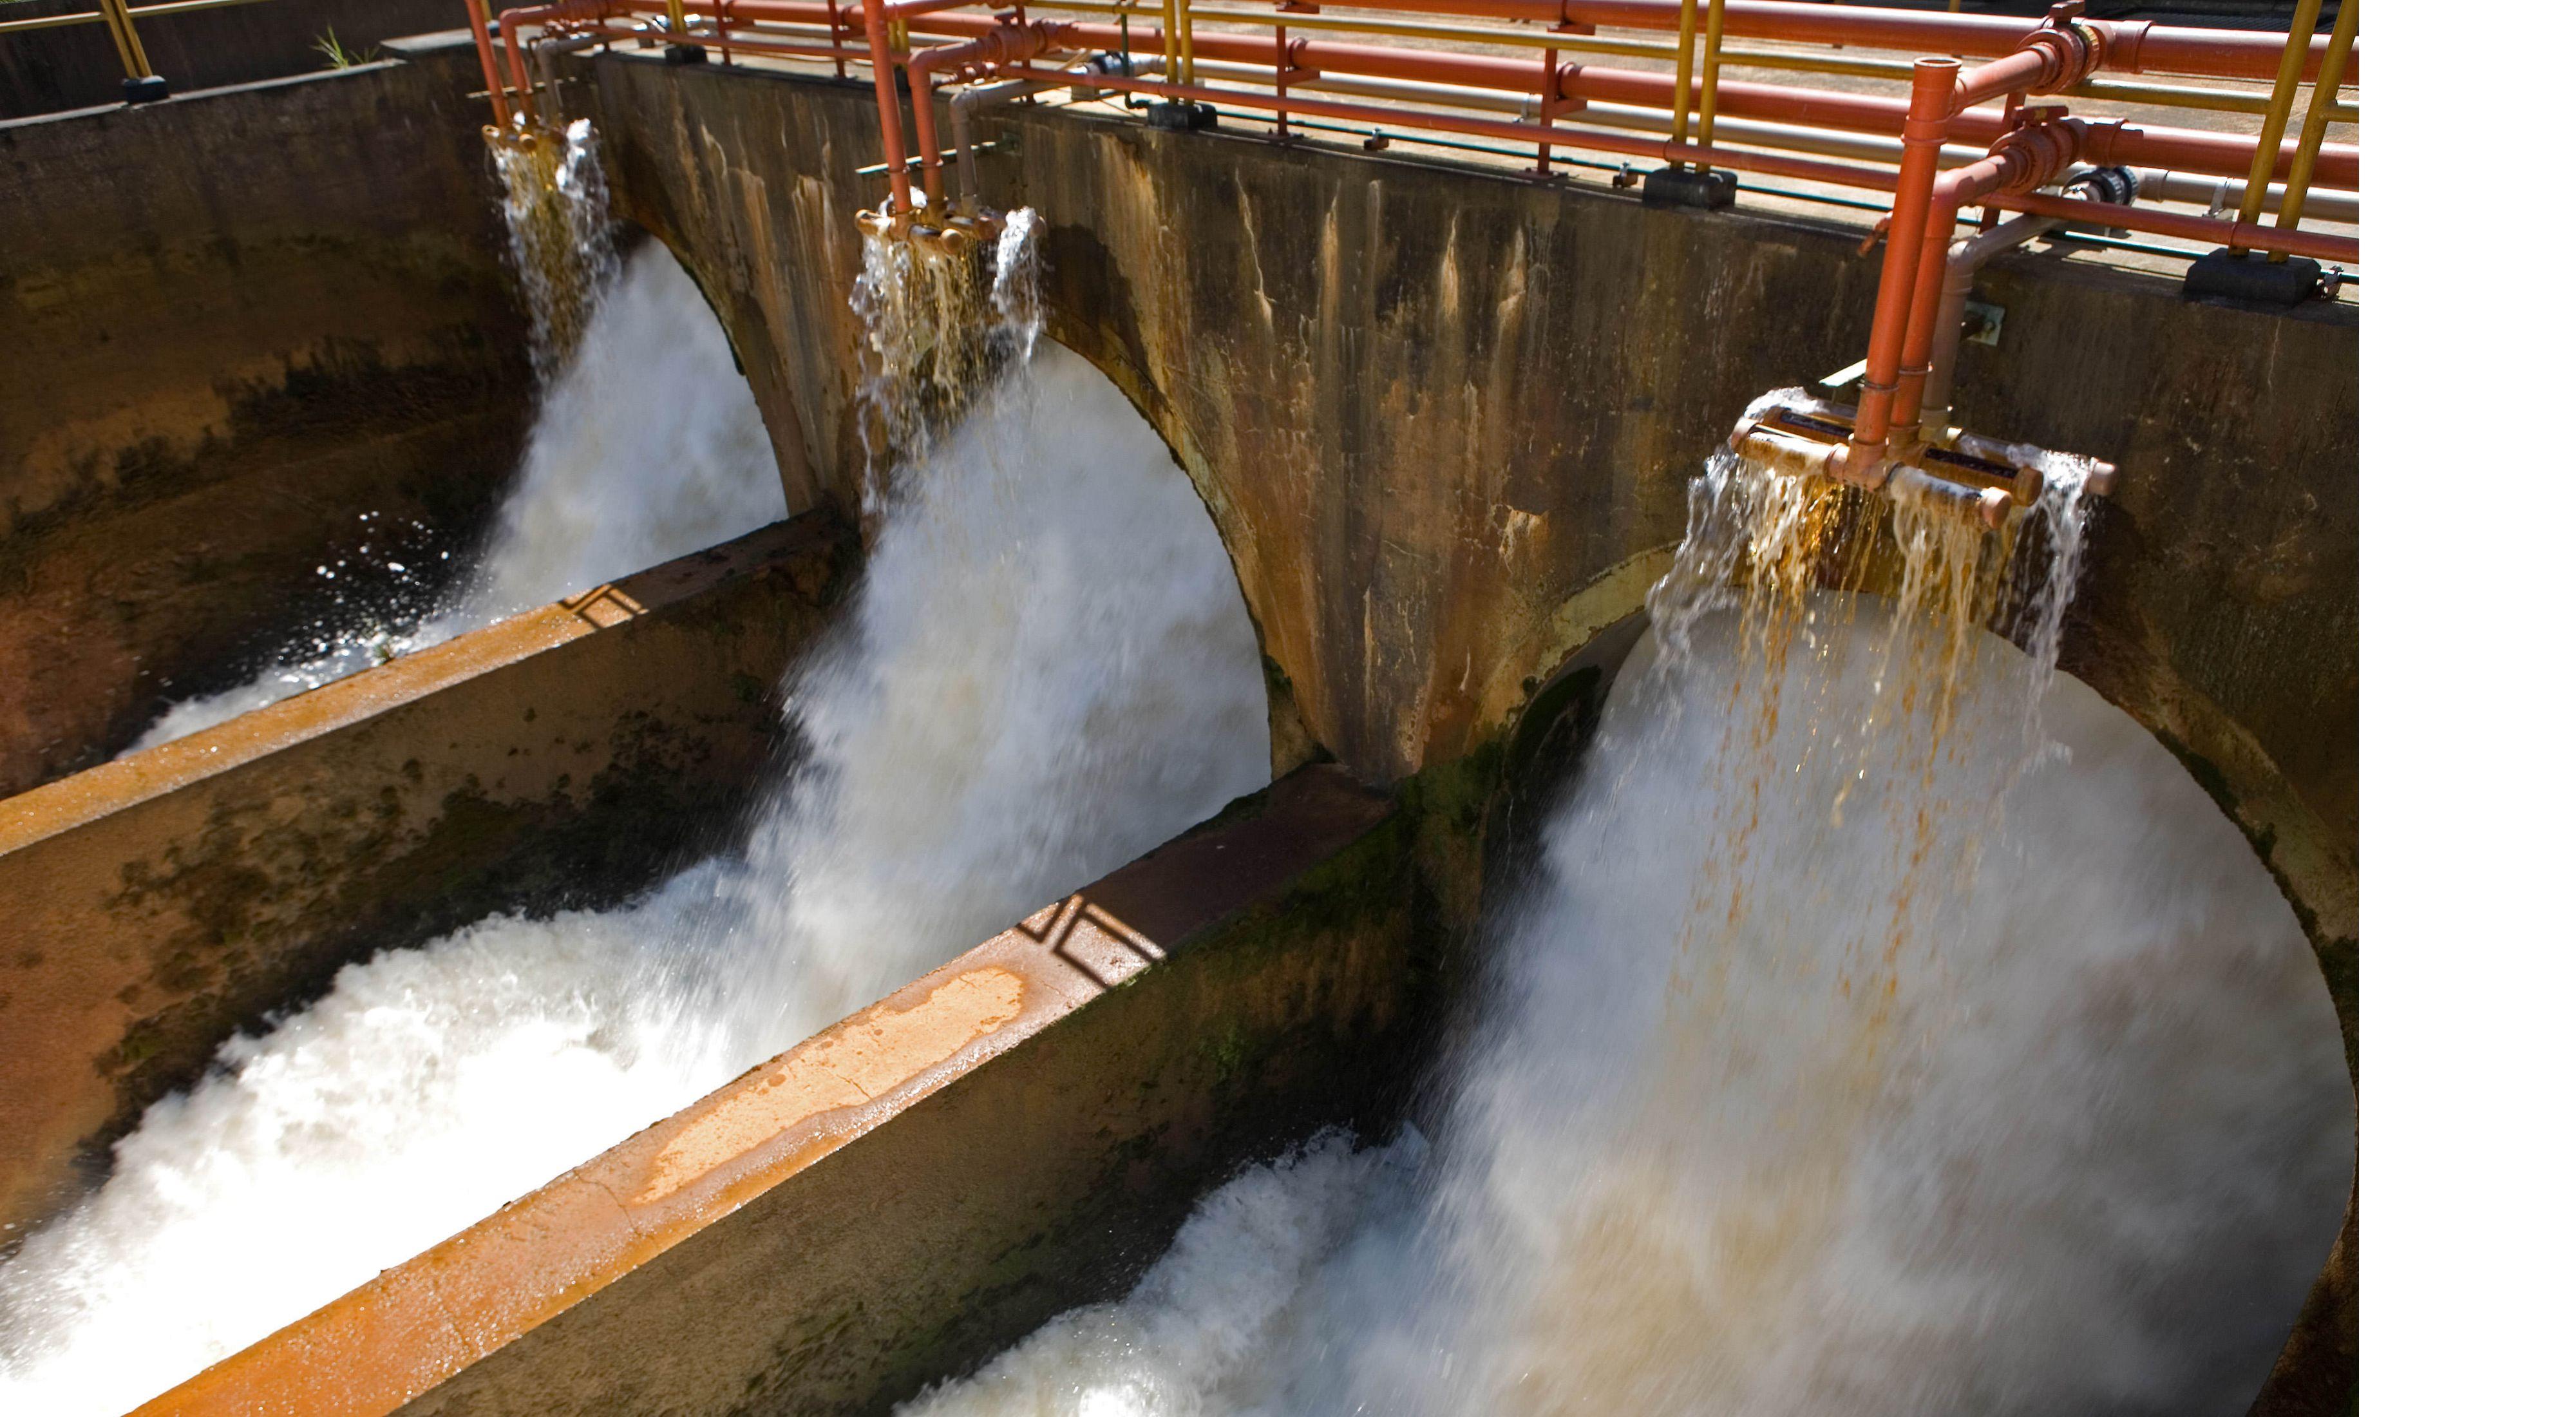 Barragem de um sistema de abastecimento de água.